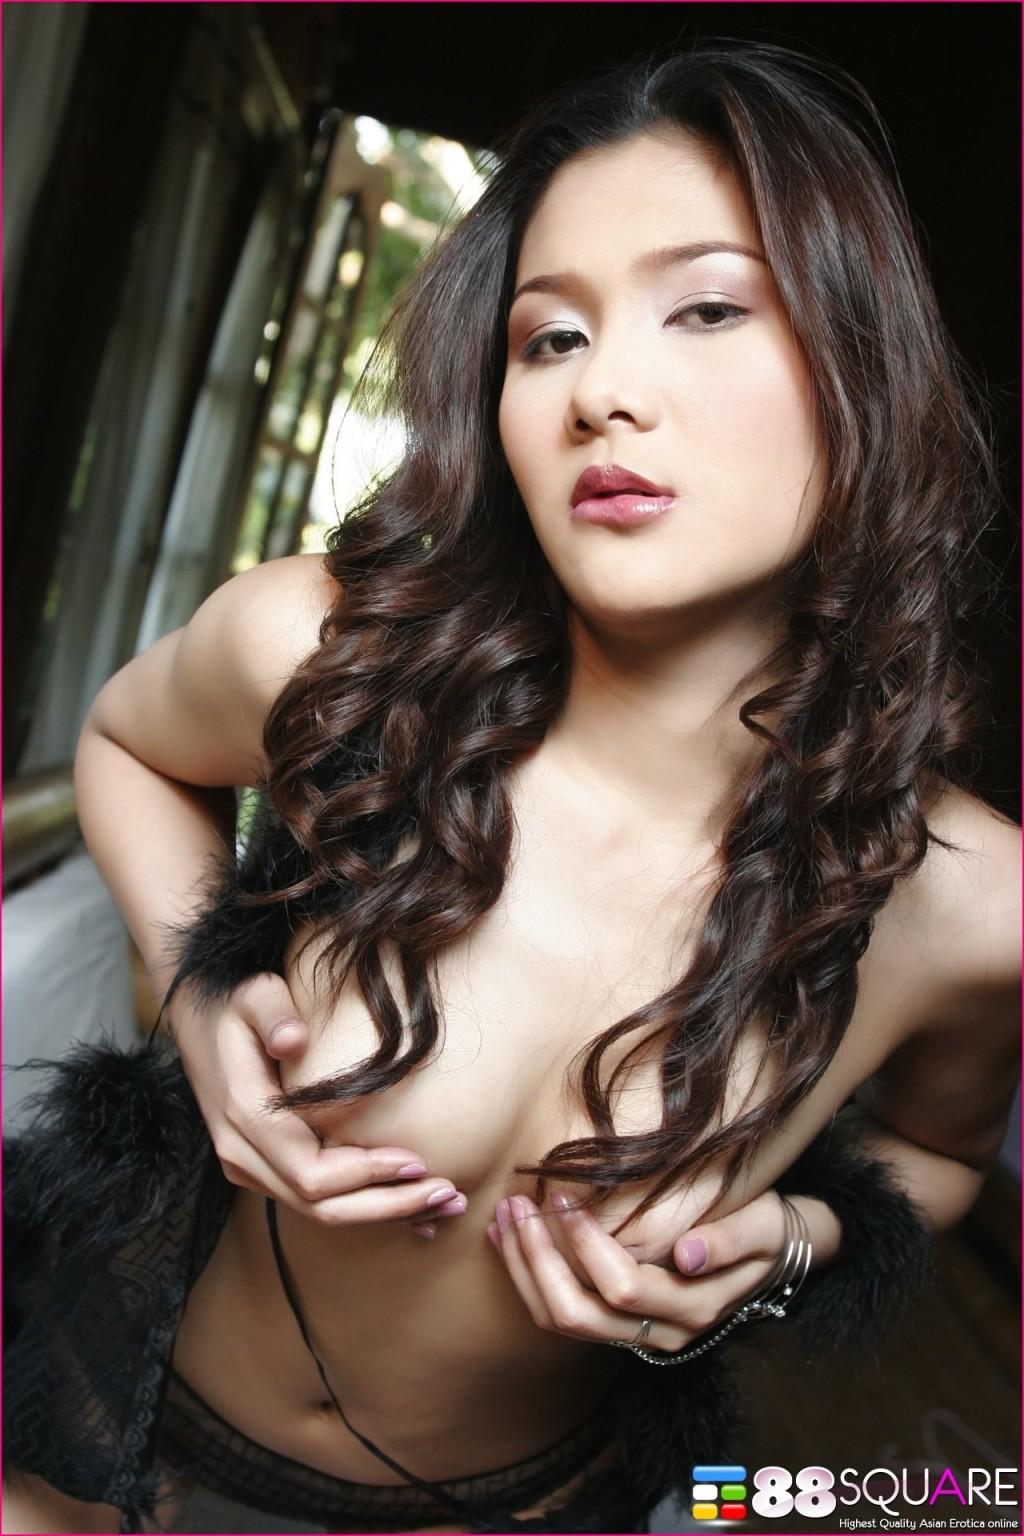 Азиатка с волосатой пиздой освобждается от трусиков